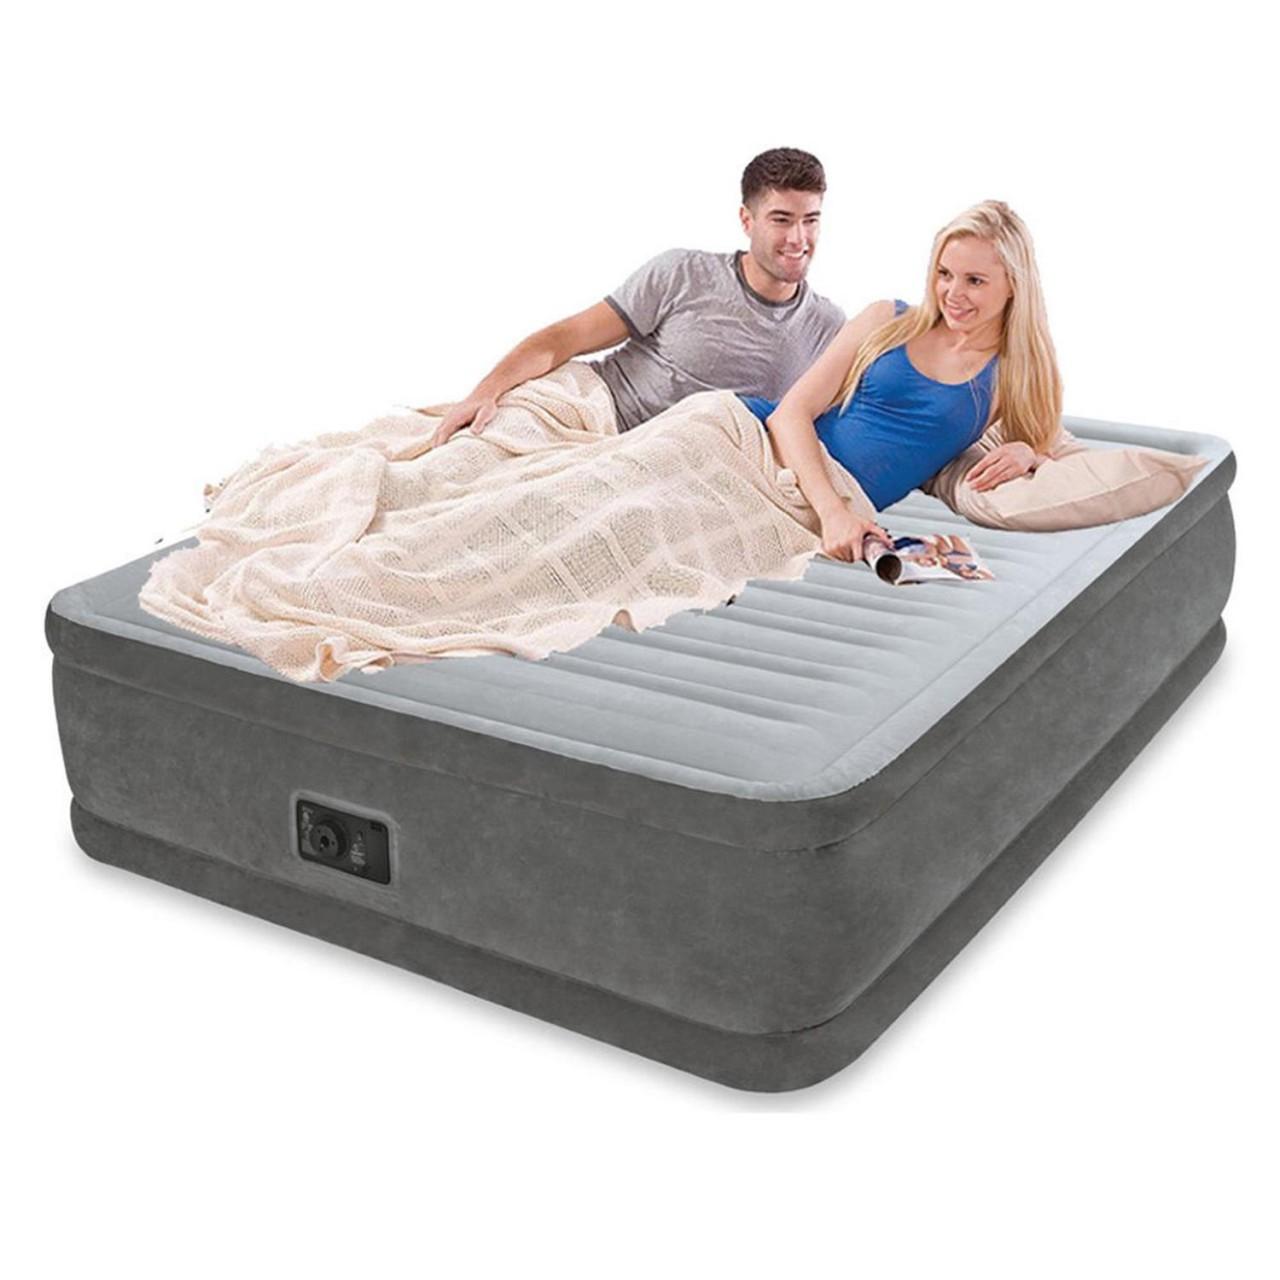 Intex Luftbett mit Pumpe Gästebett Luftmatratze 236x152x86cm